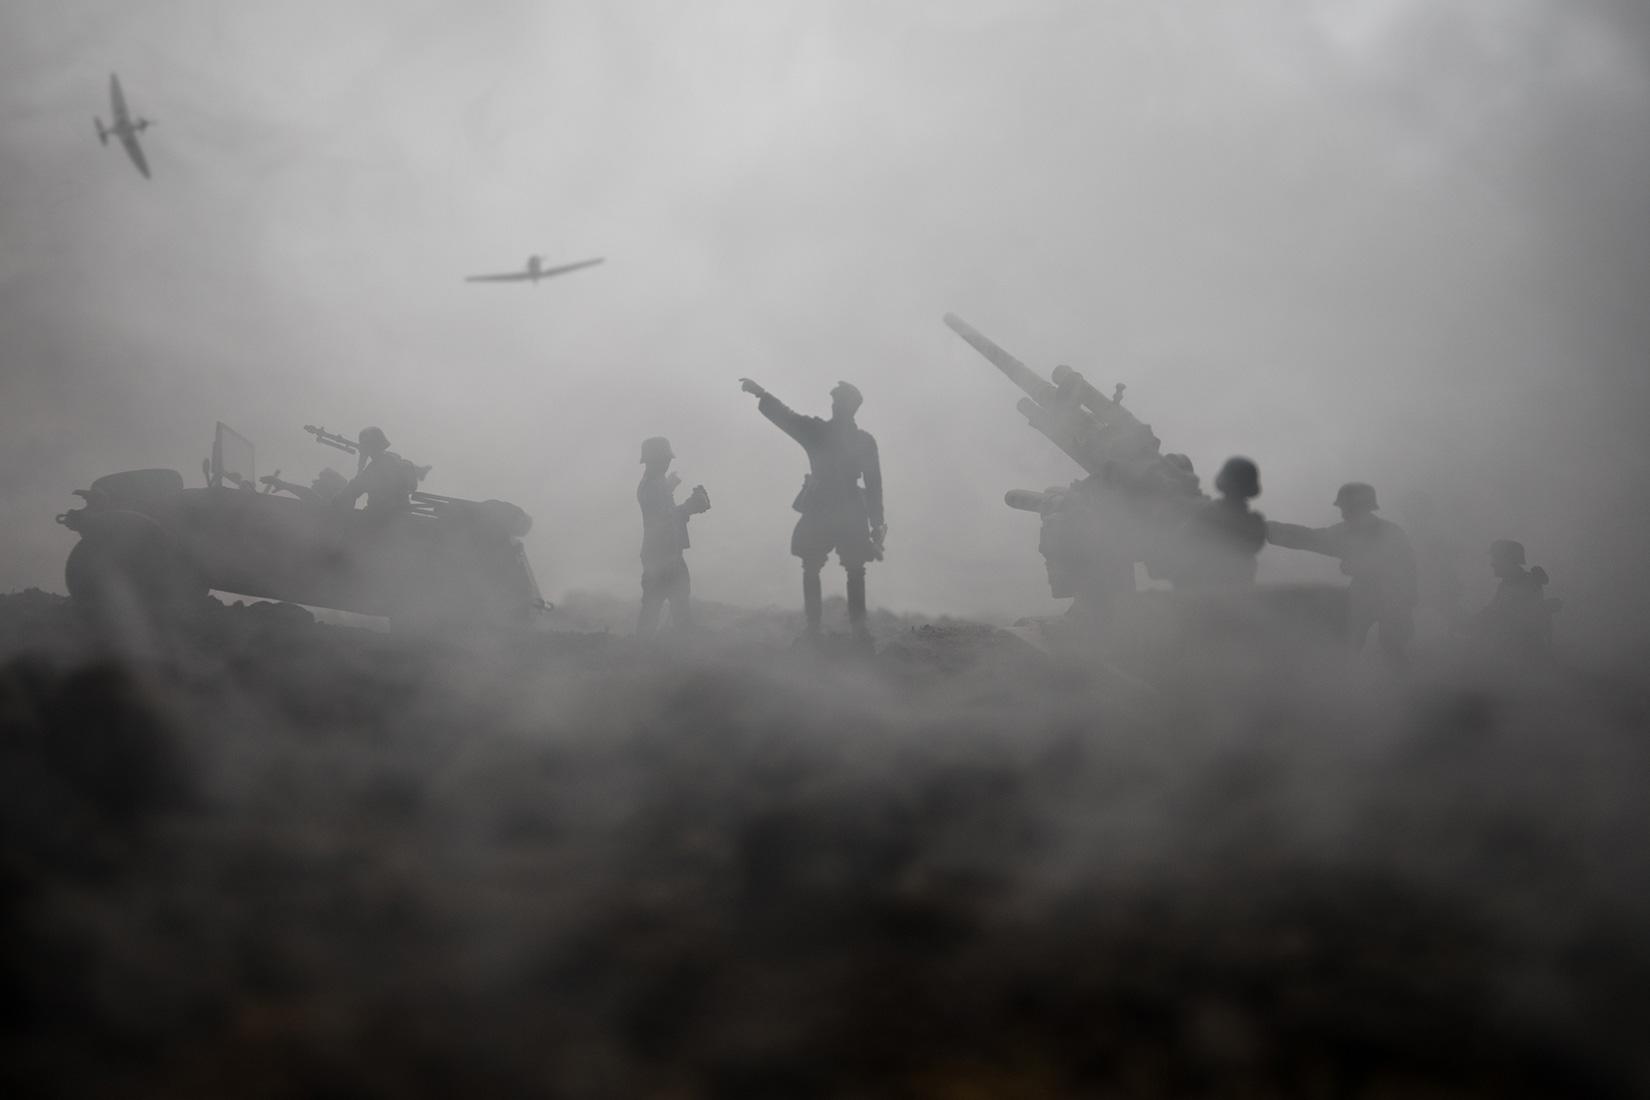 ジョージア紛争はウクライナ危機の前哨戦